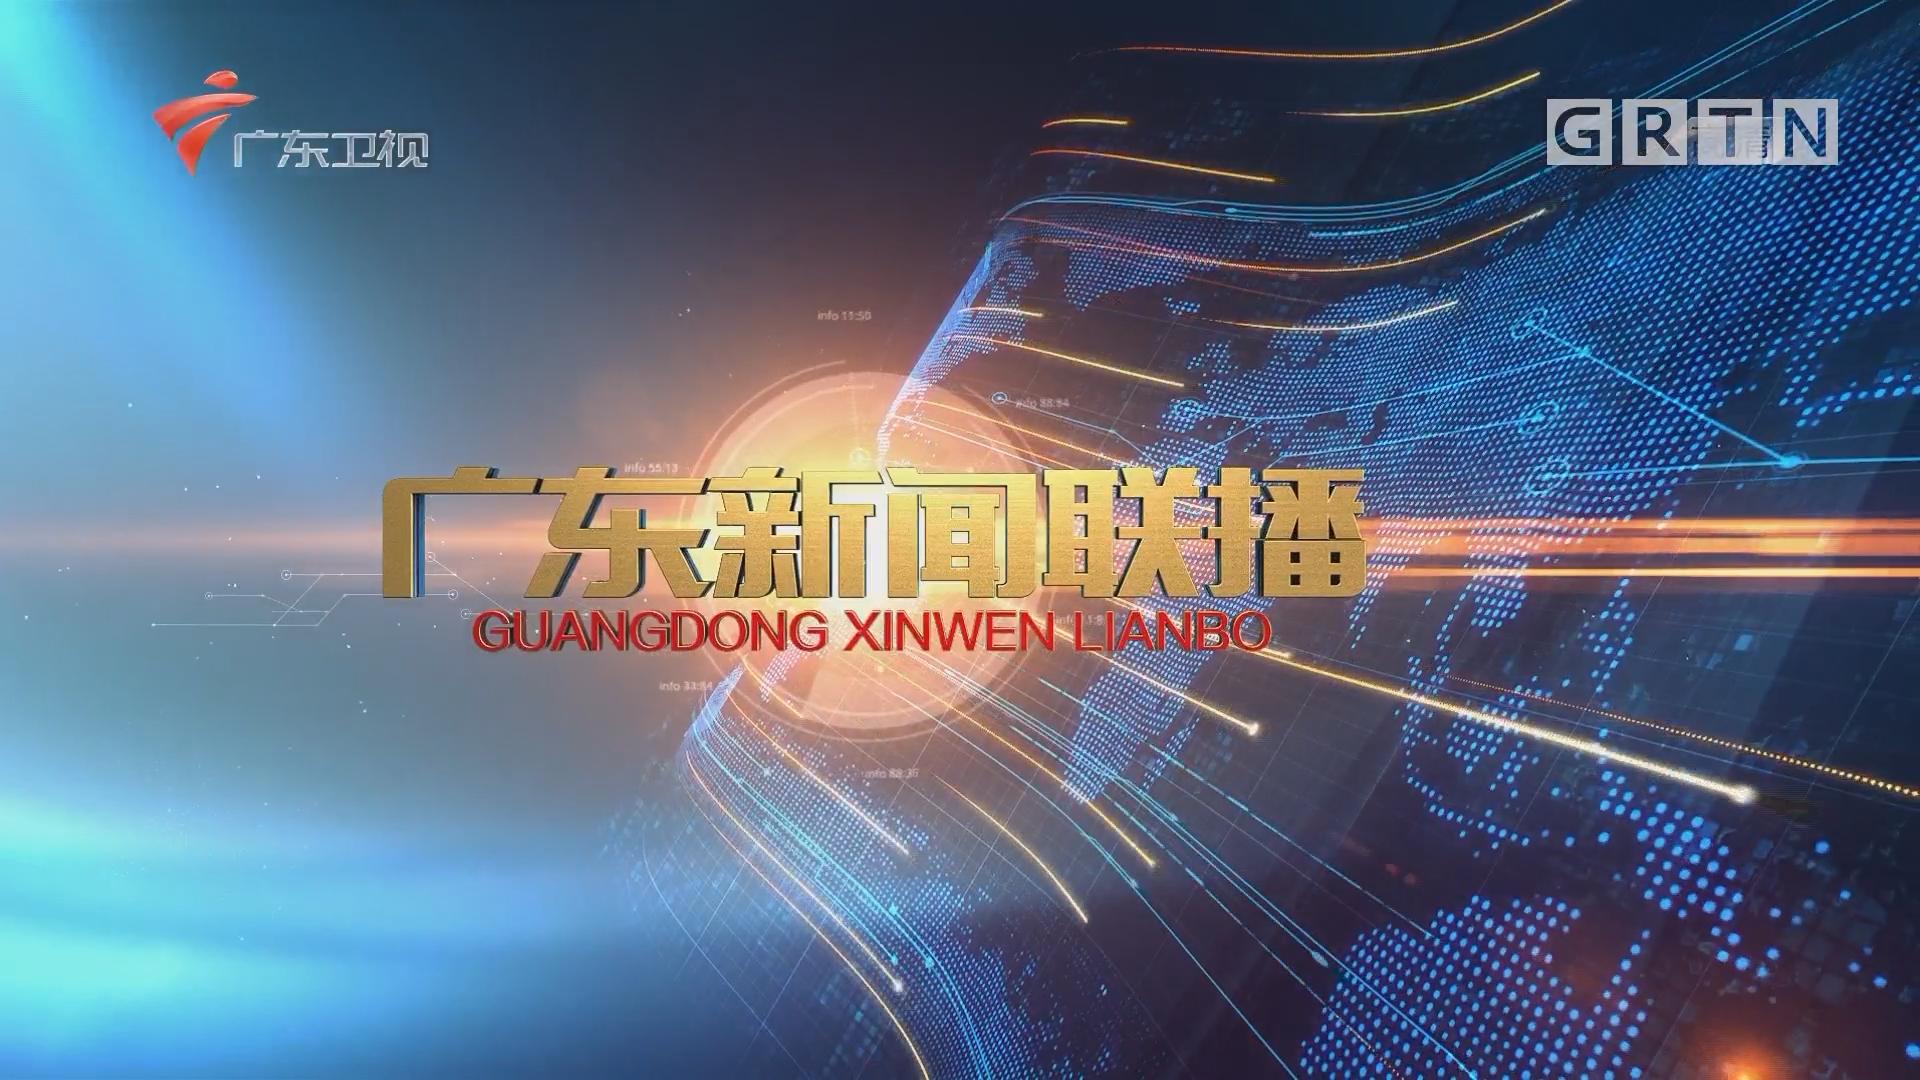 [HD][2018-05-19]广东新闻联播:江门:打好商事制度改革组合拳 激发市场主体增量提质